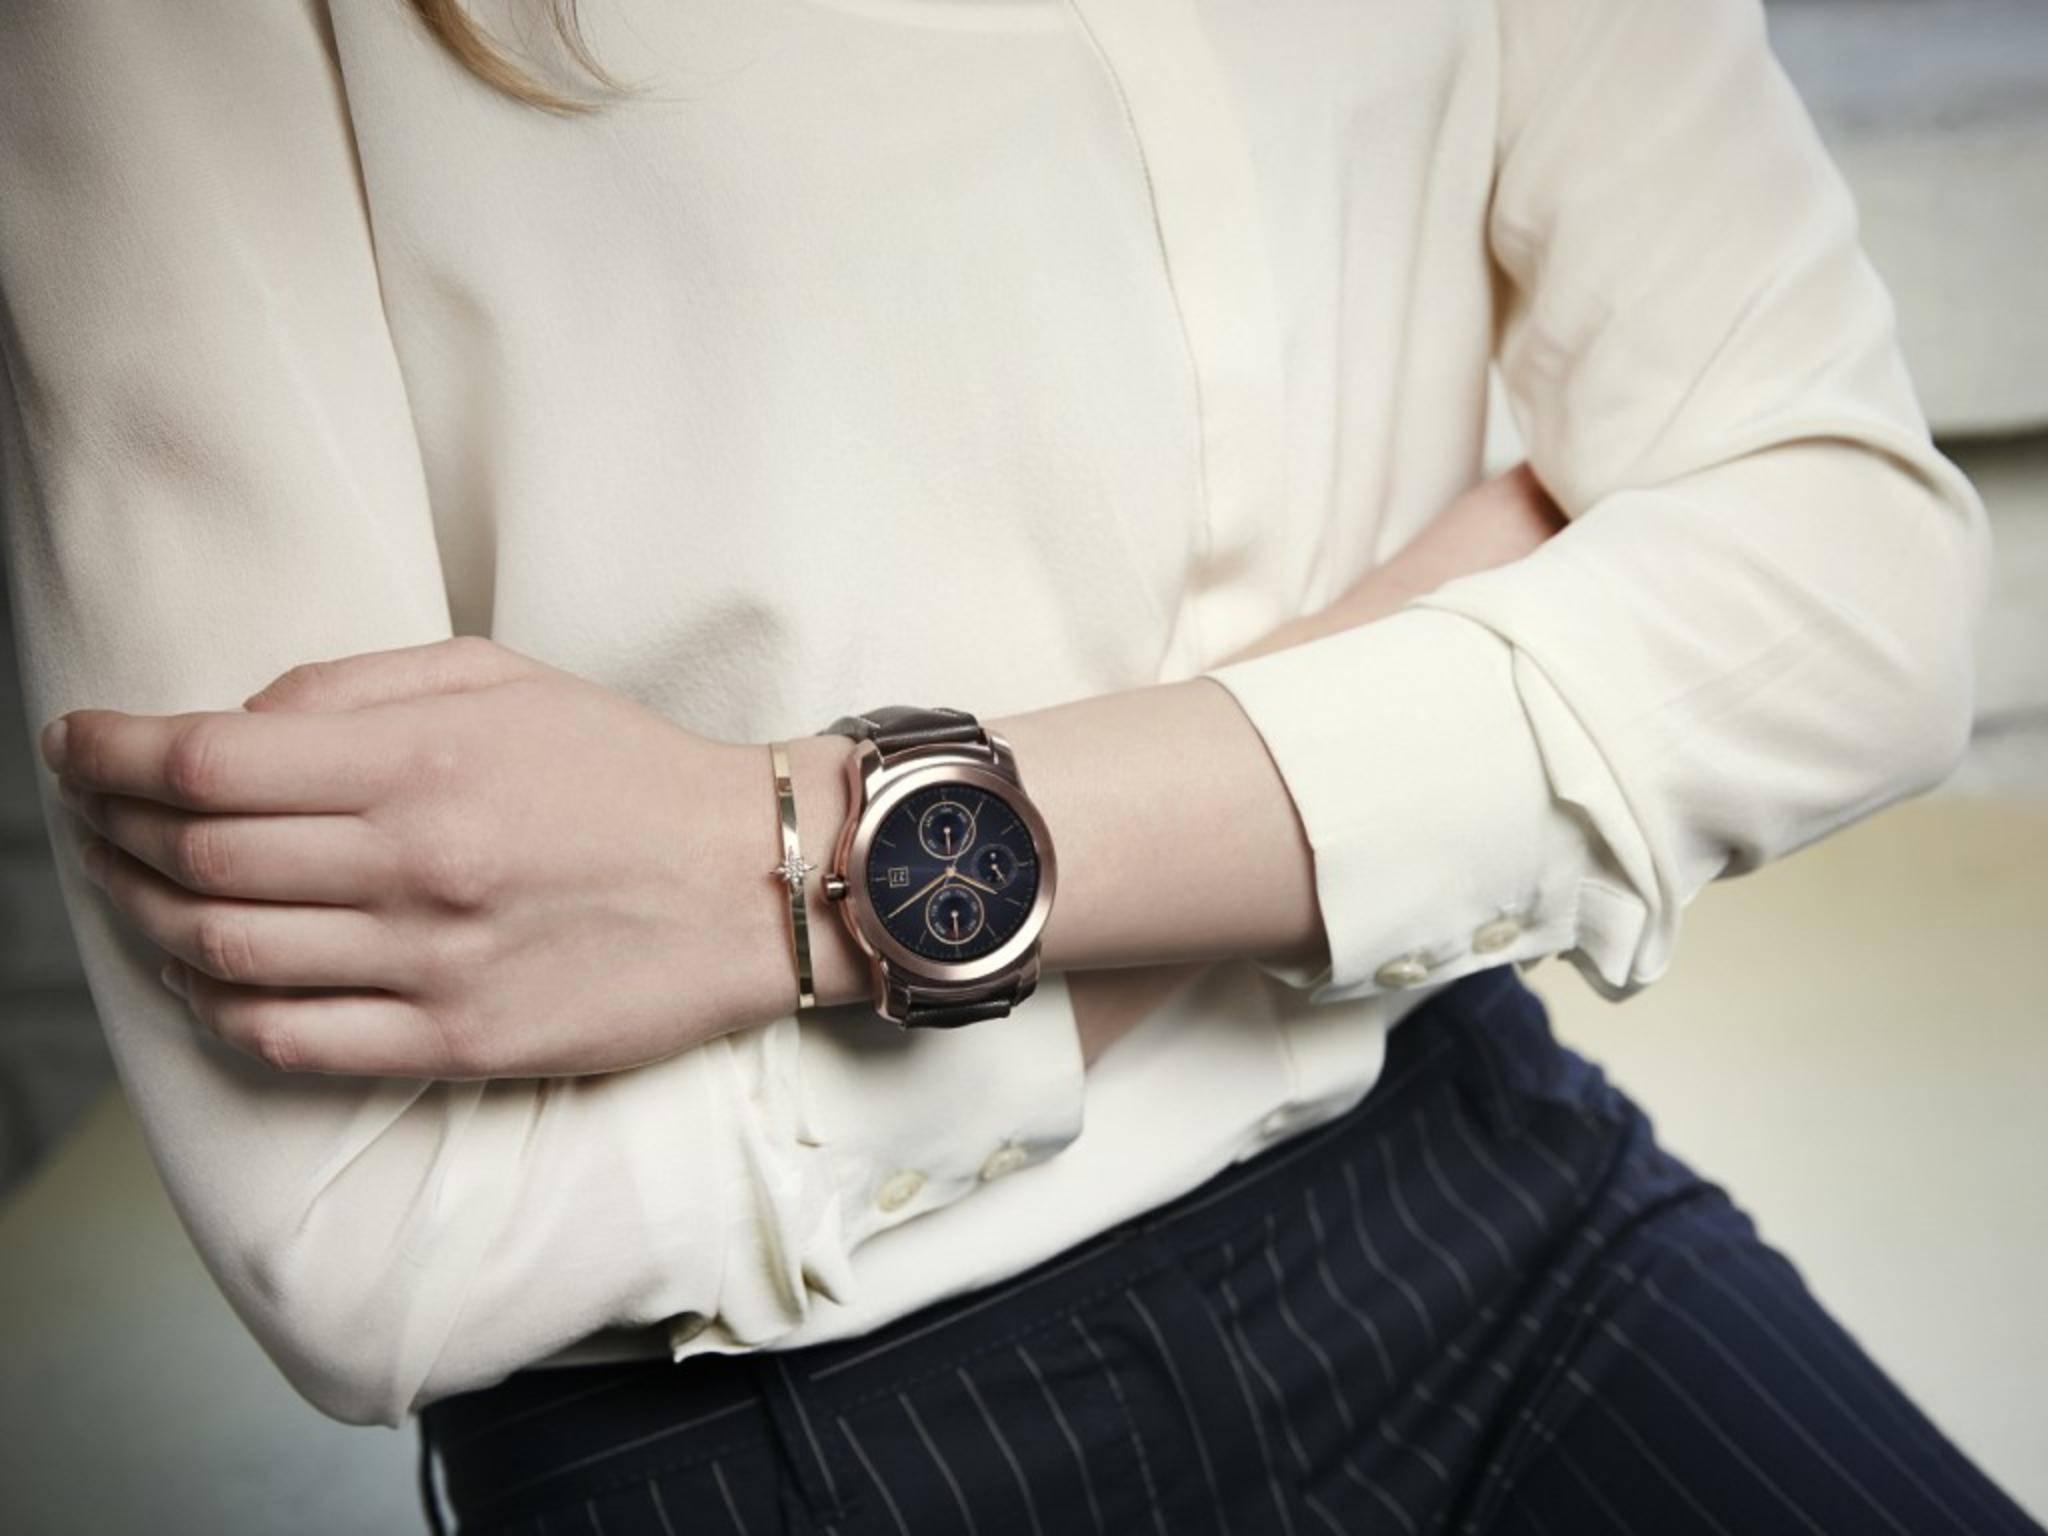 Die LG Watch Urbane soll es mit der Apple Watch aufnehmen.